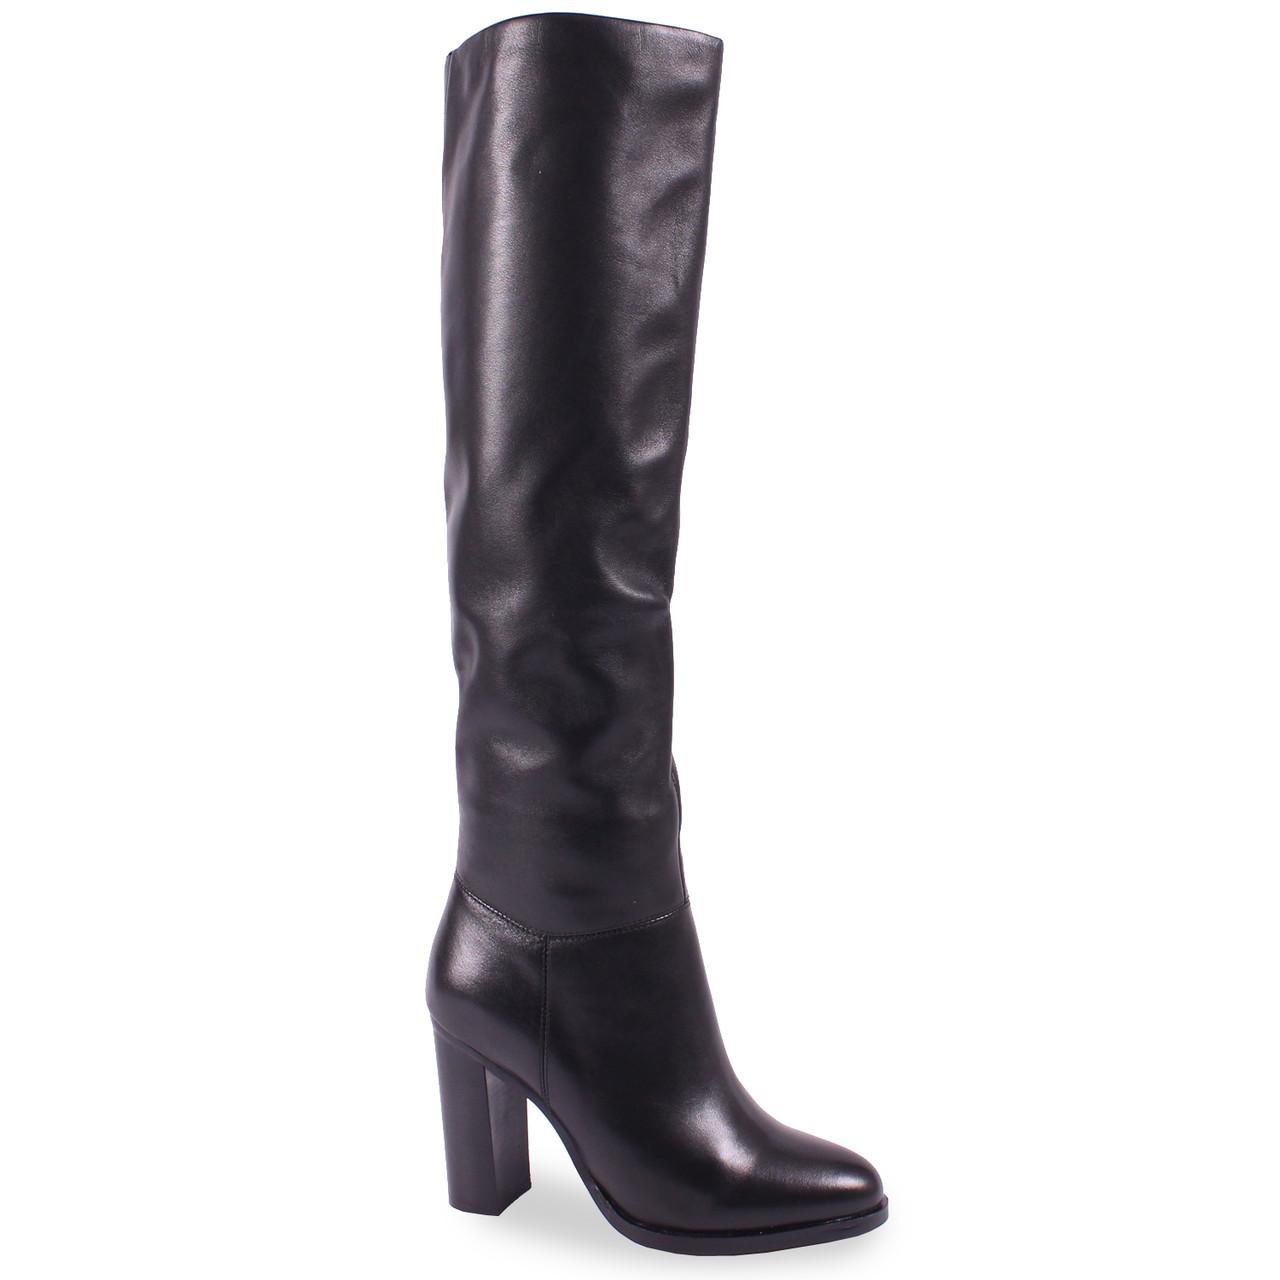 90719cdc817e Купить Стильные женские ботфорты Angelo Vani(зимние, натуральную кожу, на  каблуке, на ...